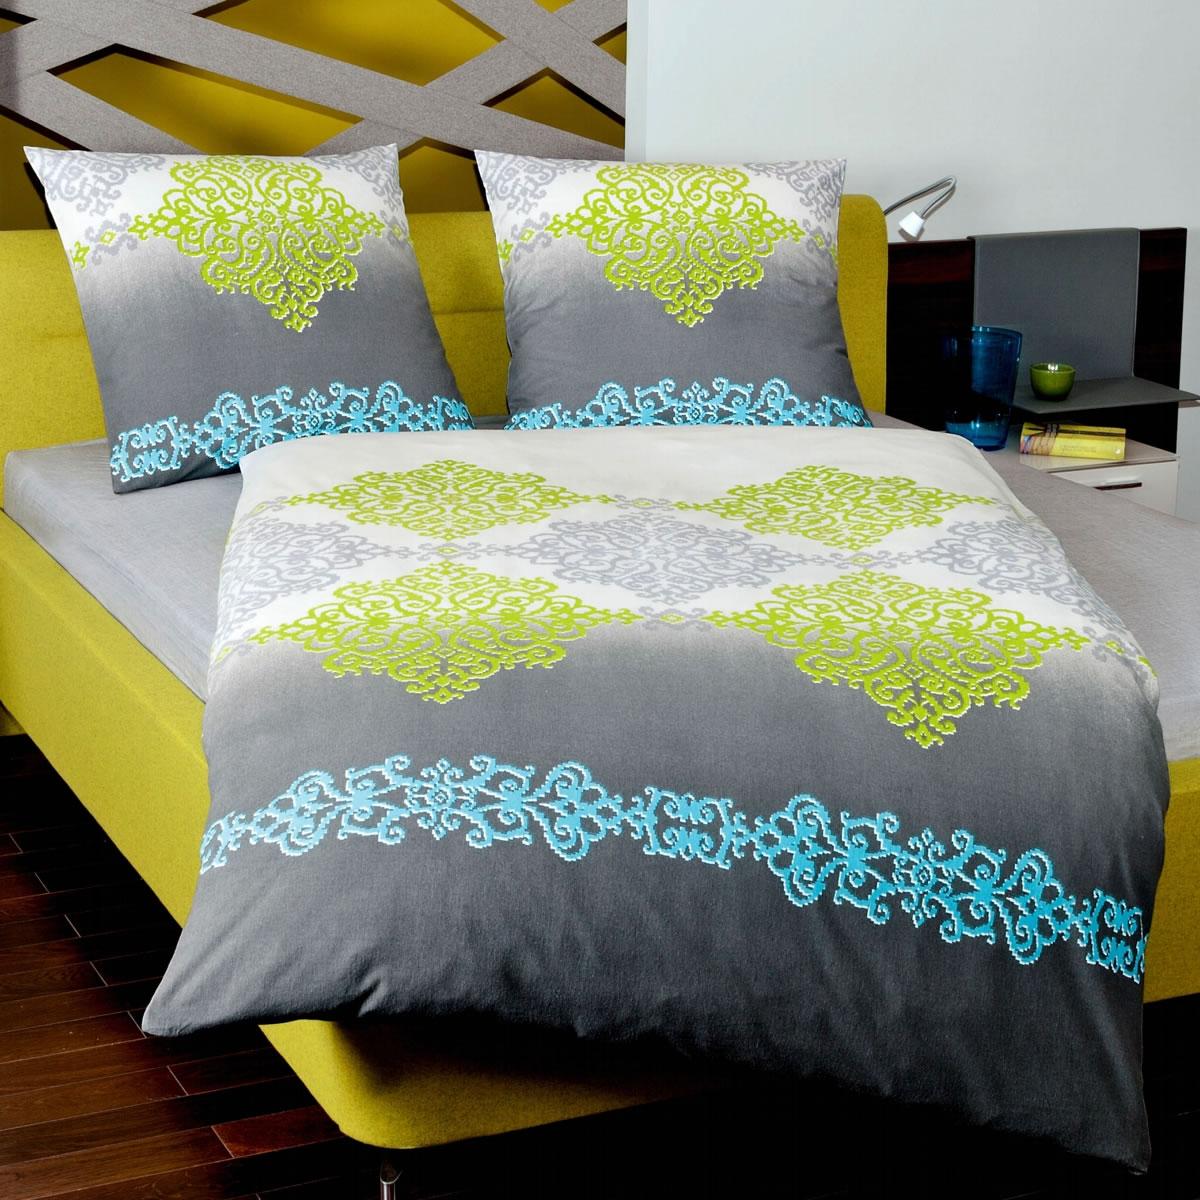 bettwsche 200x220 grau x cm bettwsche mit x bettbezge bettbezug baumwolle ko with bettwsche. Black Bedroom Furniture Sets. Home Design Ideas